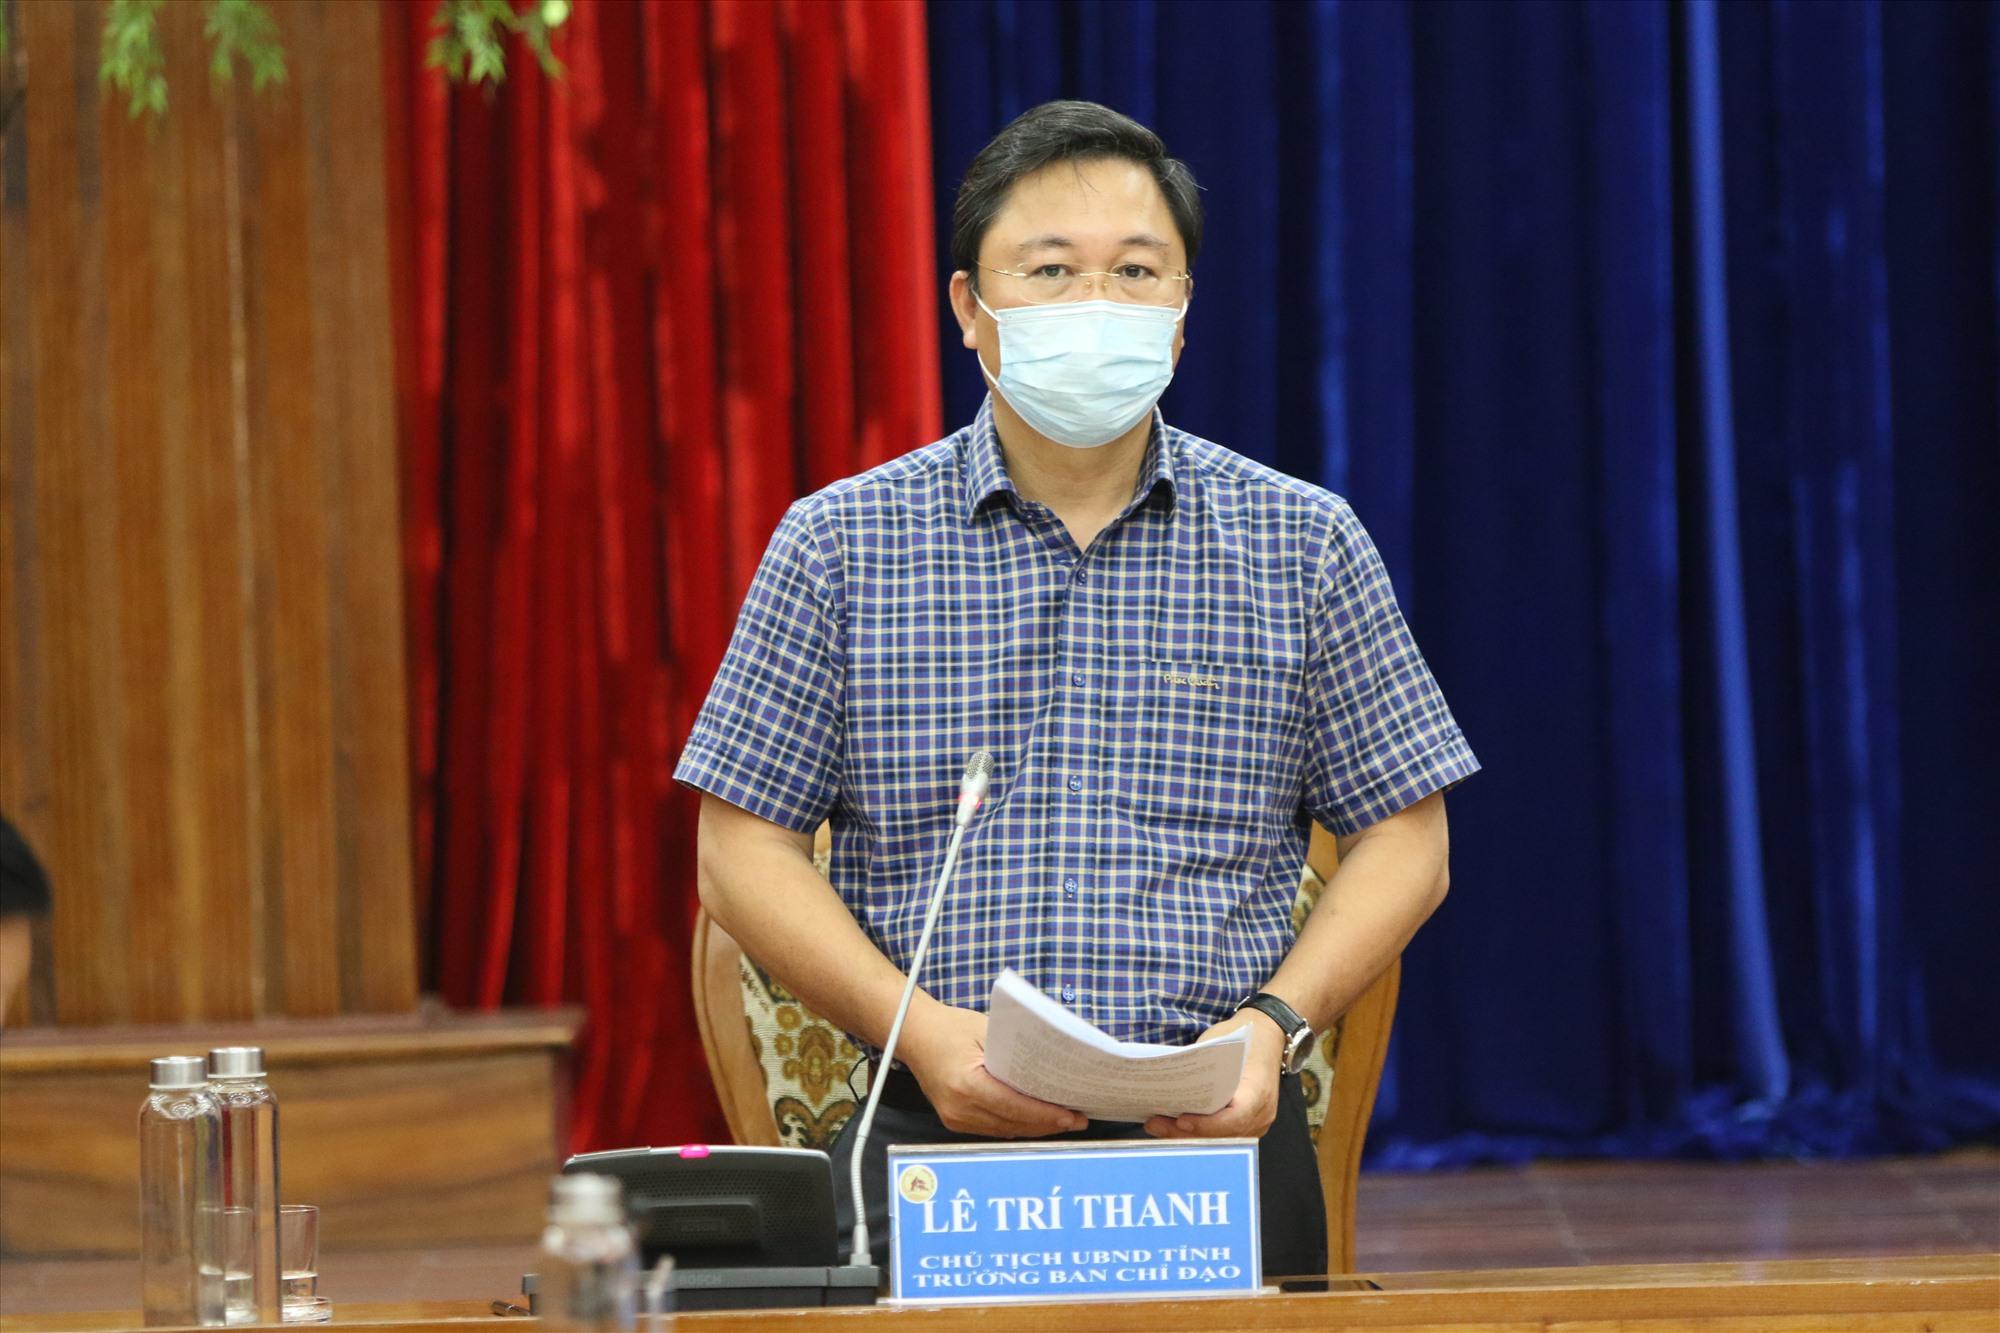 Các ban ngành, địa phương được chỉ đạo thực hiện nghiêm theo tinh thần Chỉ thị 16 của Thủ tướng Chính phủ.